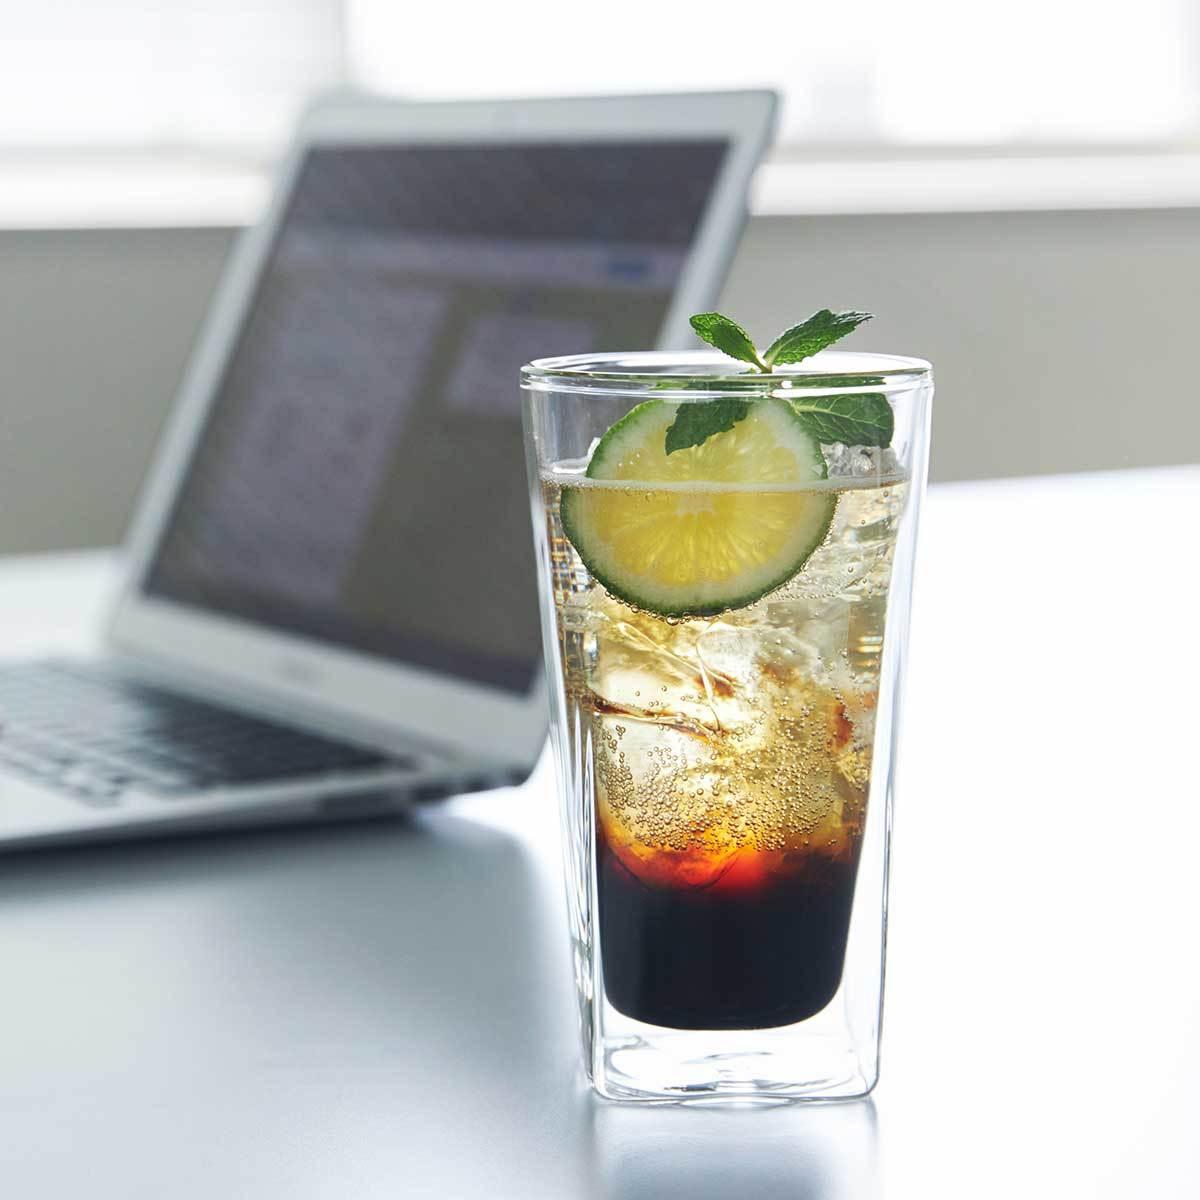 二重ガラスでビールもホットコーヒーも適温キープ|『RayES(レイエス)』のダブルウォールグラス|おしゃれなグラスで、おうち時間はもっと楽しくなる。割れないグラスや丸氷を簡単に作る製氷機など5選